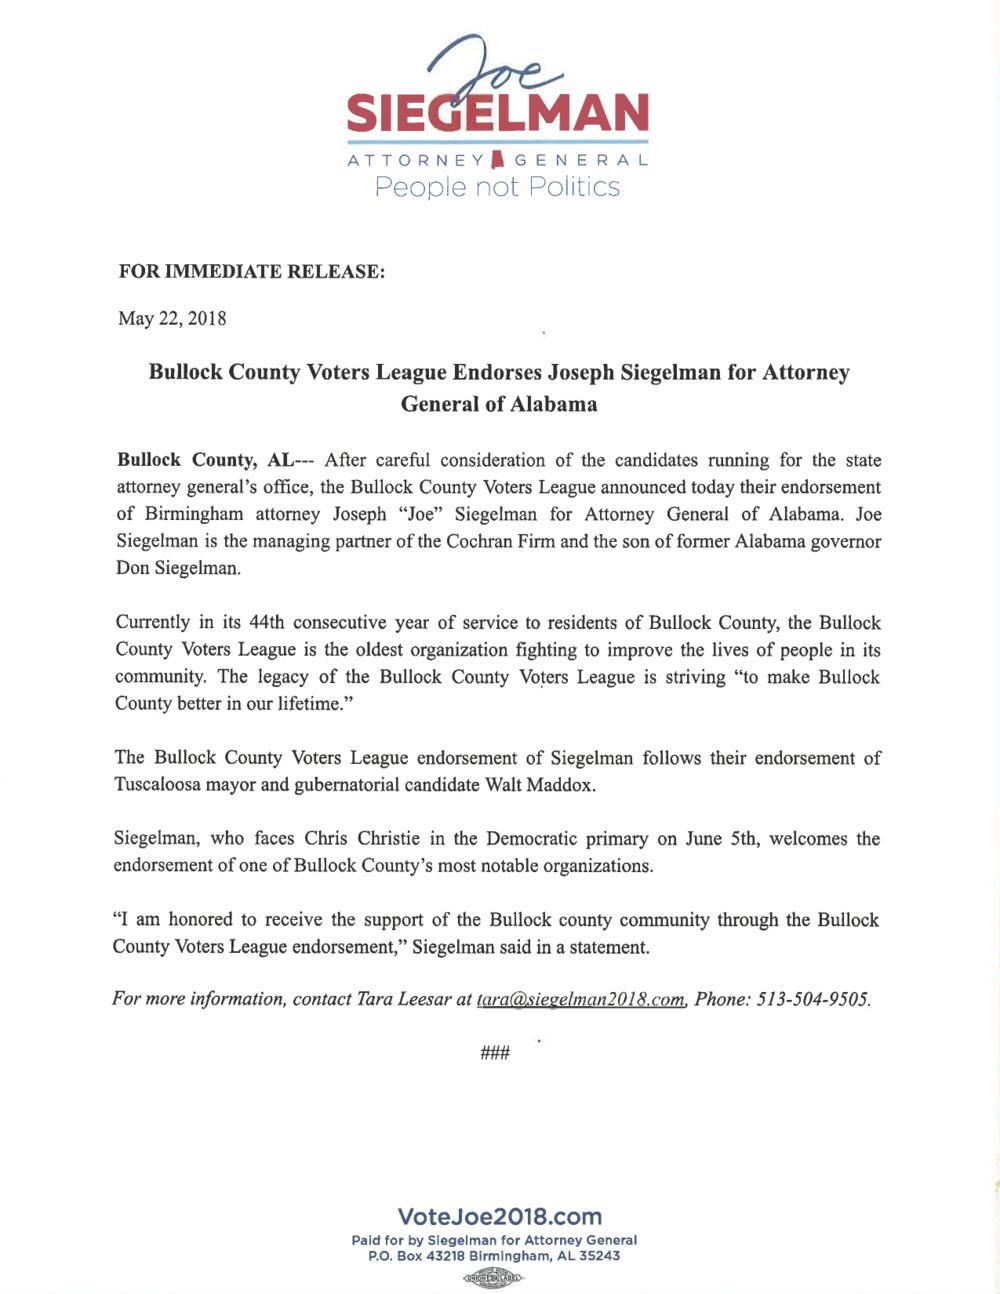 Siegelman Bullock County Voters League Endorsement Press Release.png